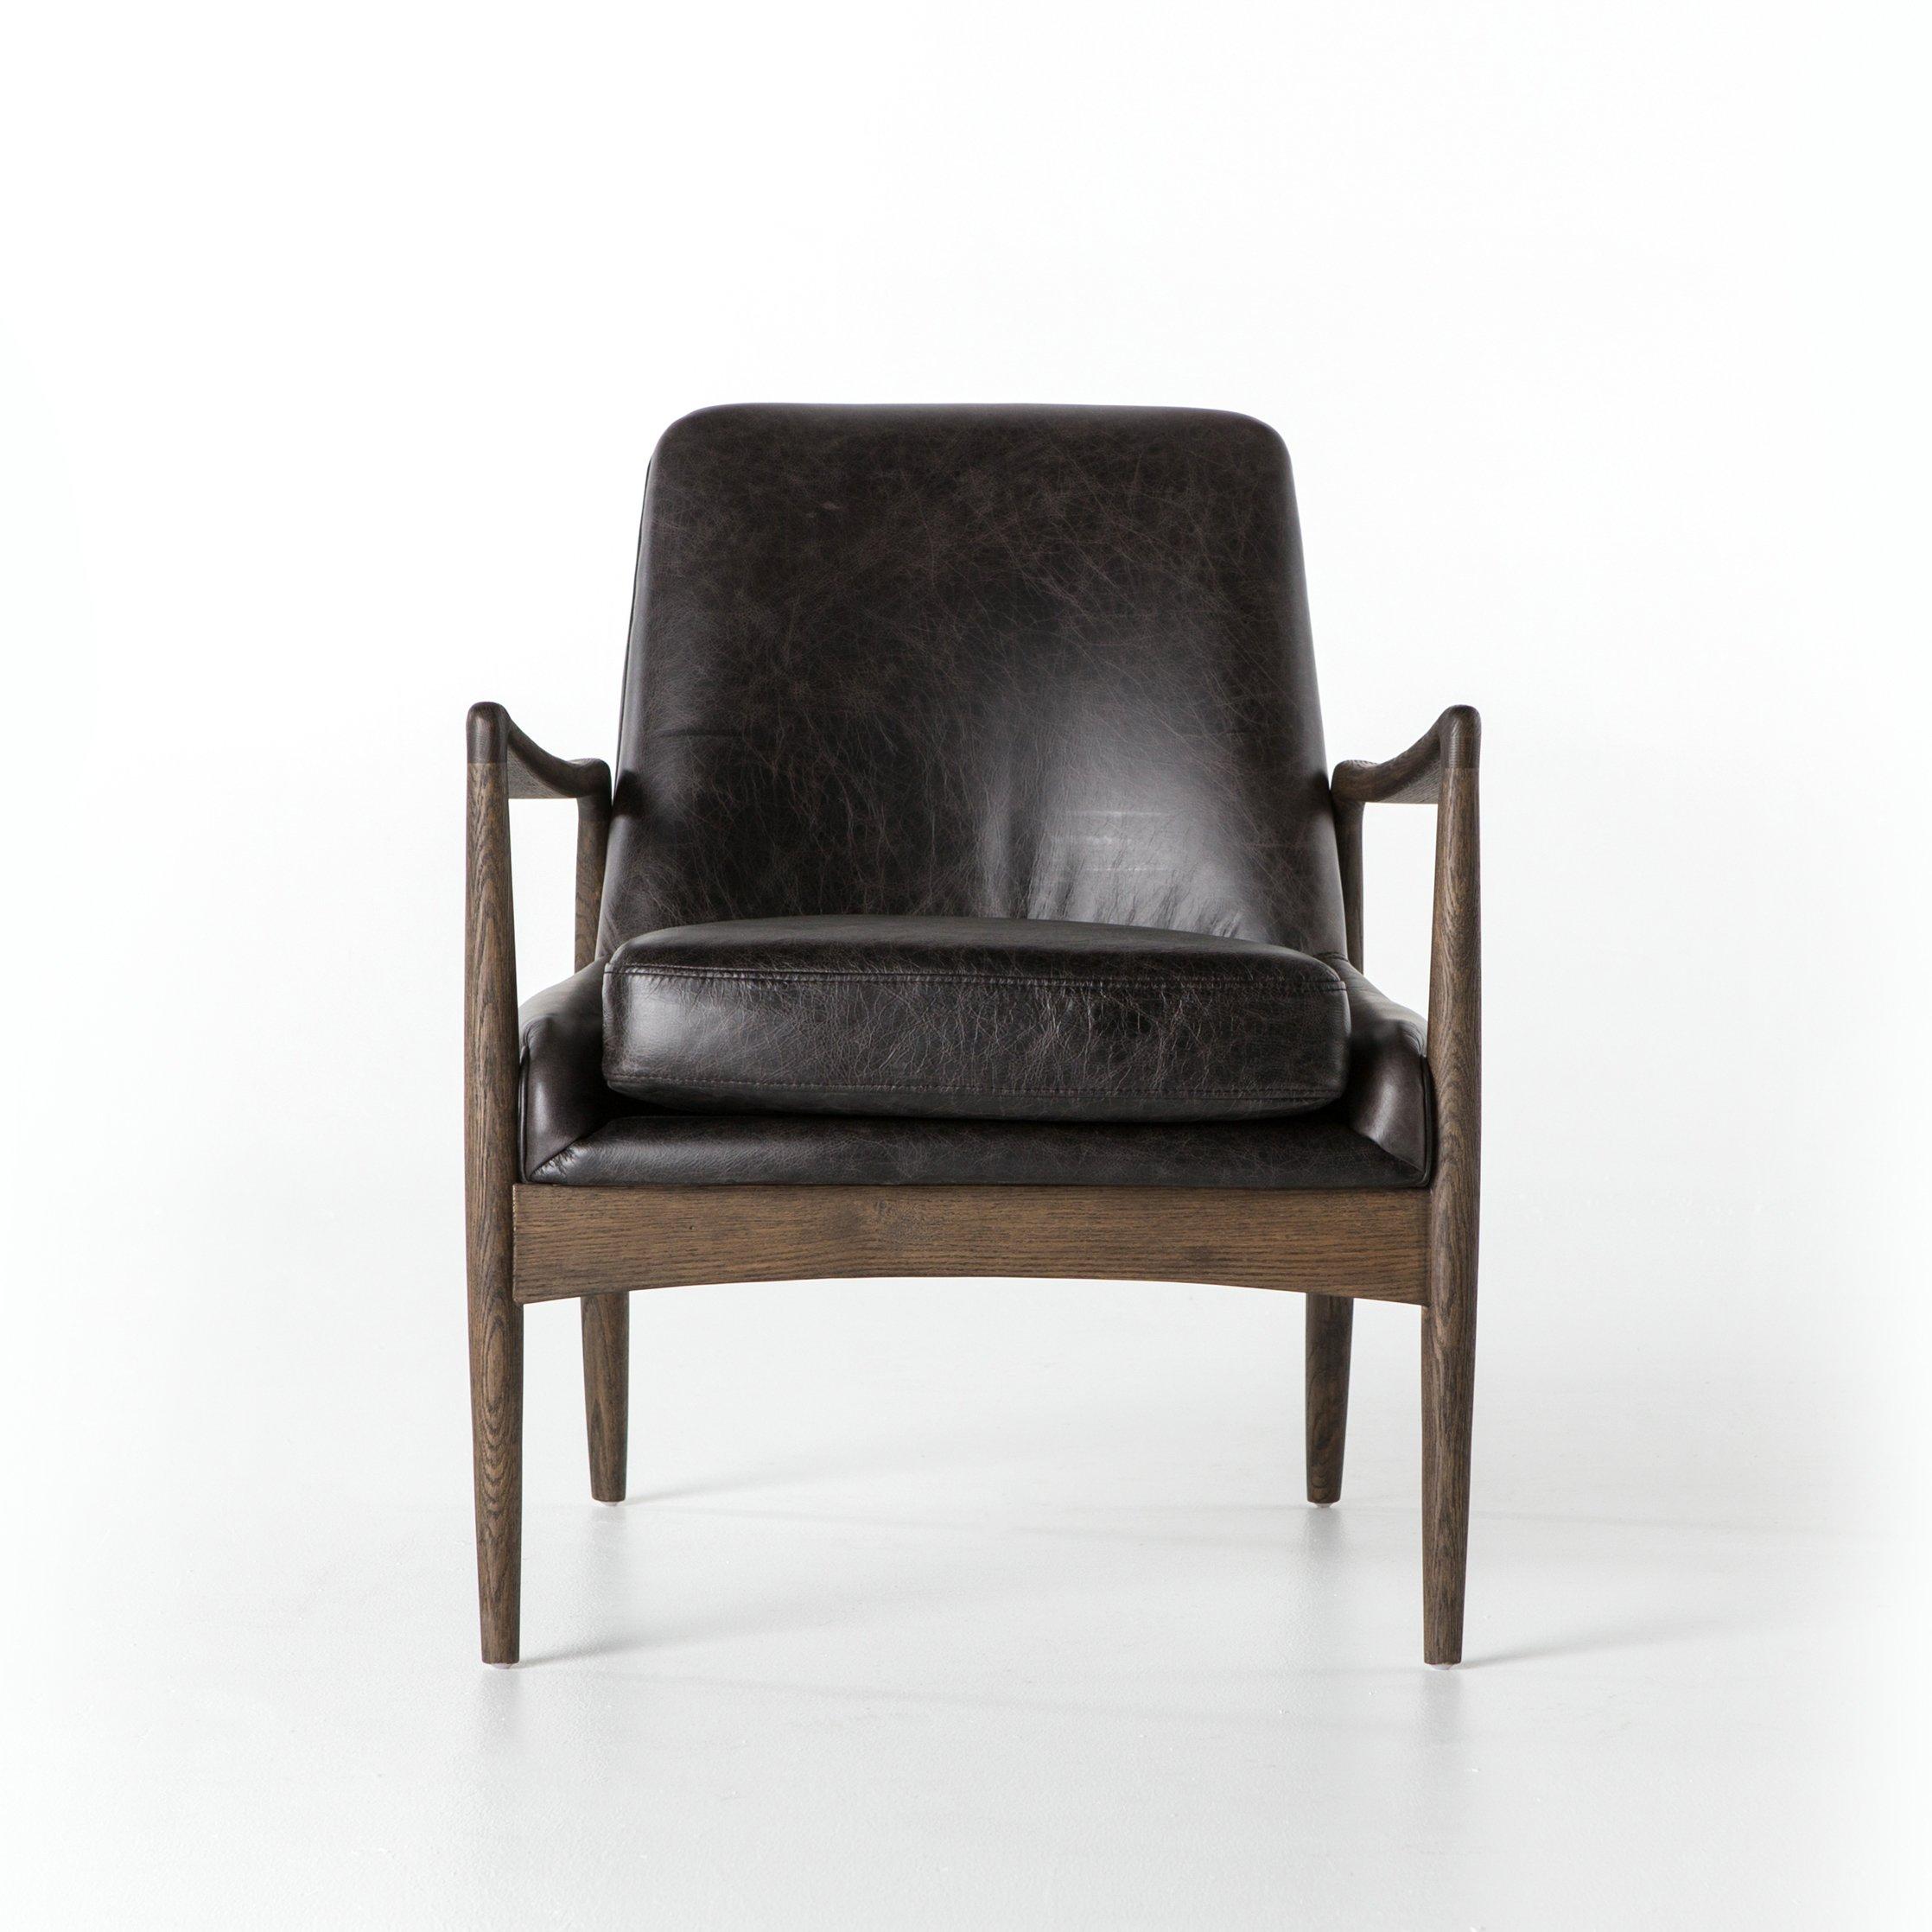 Aidan Leather Chair In Durango Smoke Designbd Studio   Smoking With Aidan Ii Sofa Chairs (Image 14 of 25)